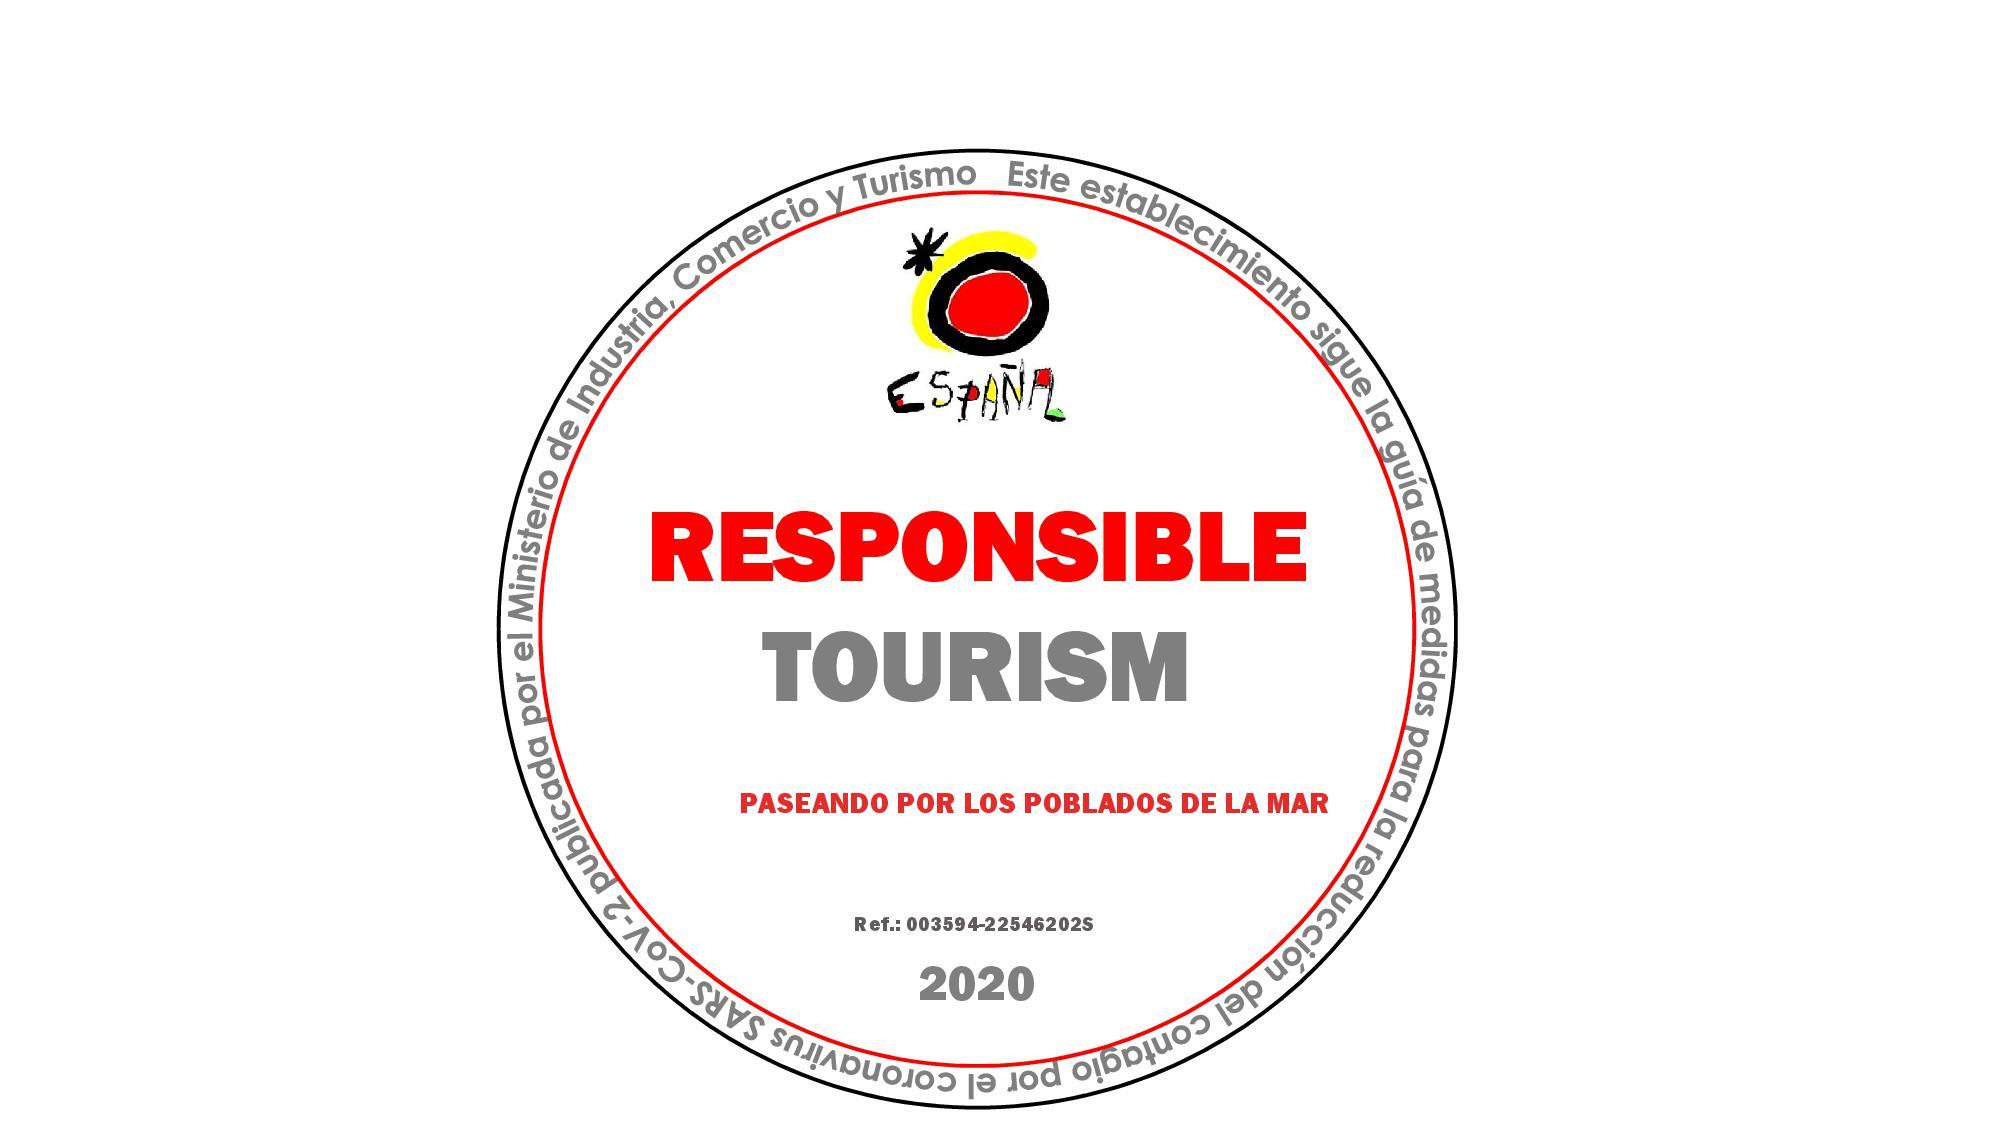 Esta empresa cumple el compromiso de aplicación directrices de la Guía de reducción contagio SARS Cov-2